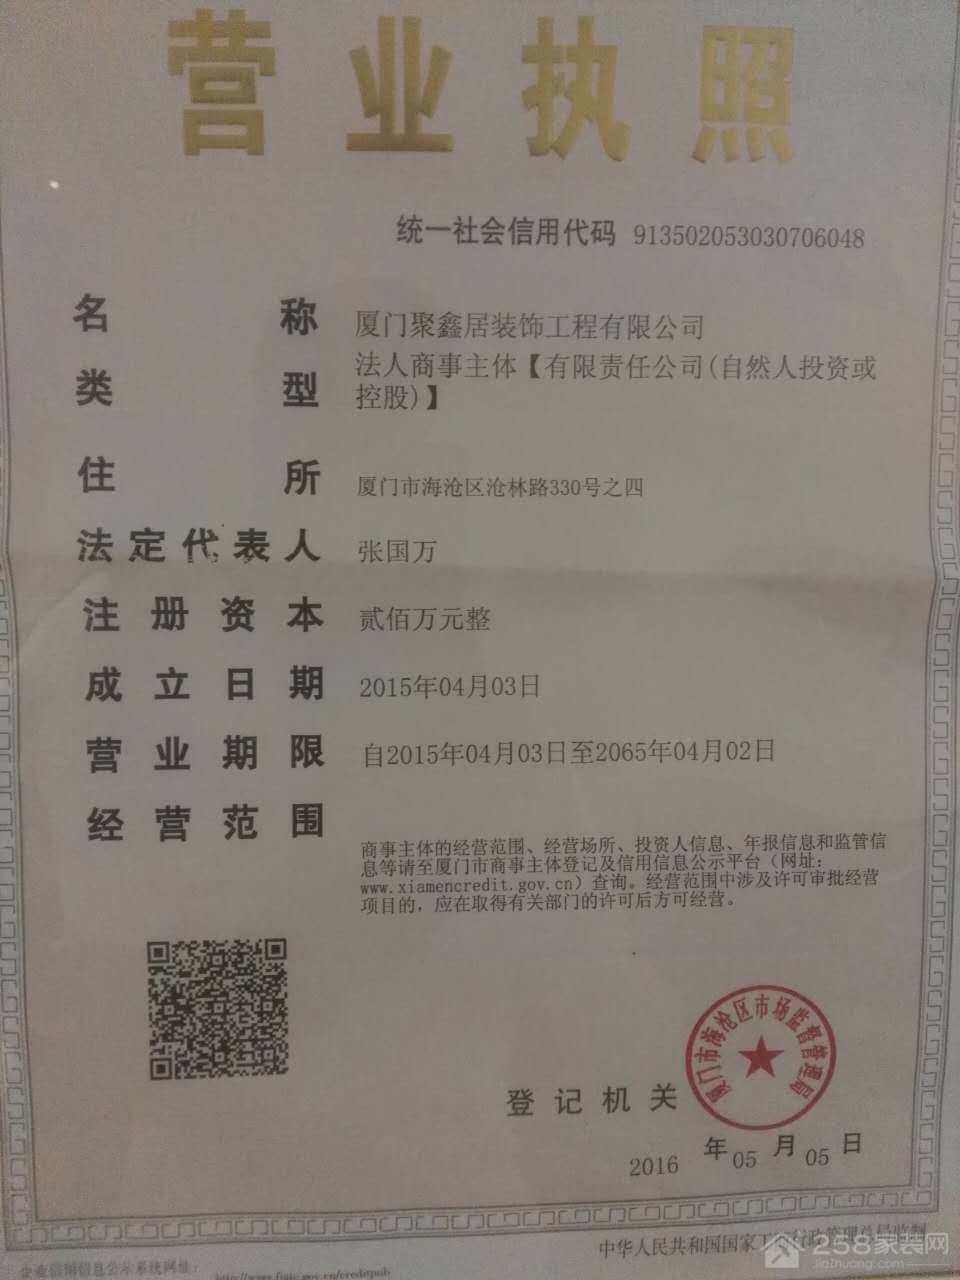 厦门市聚鑫居装饰工程有限公司